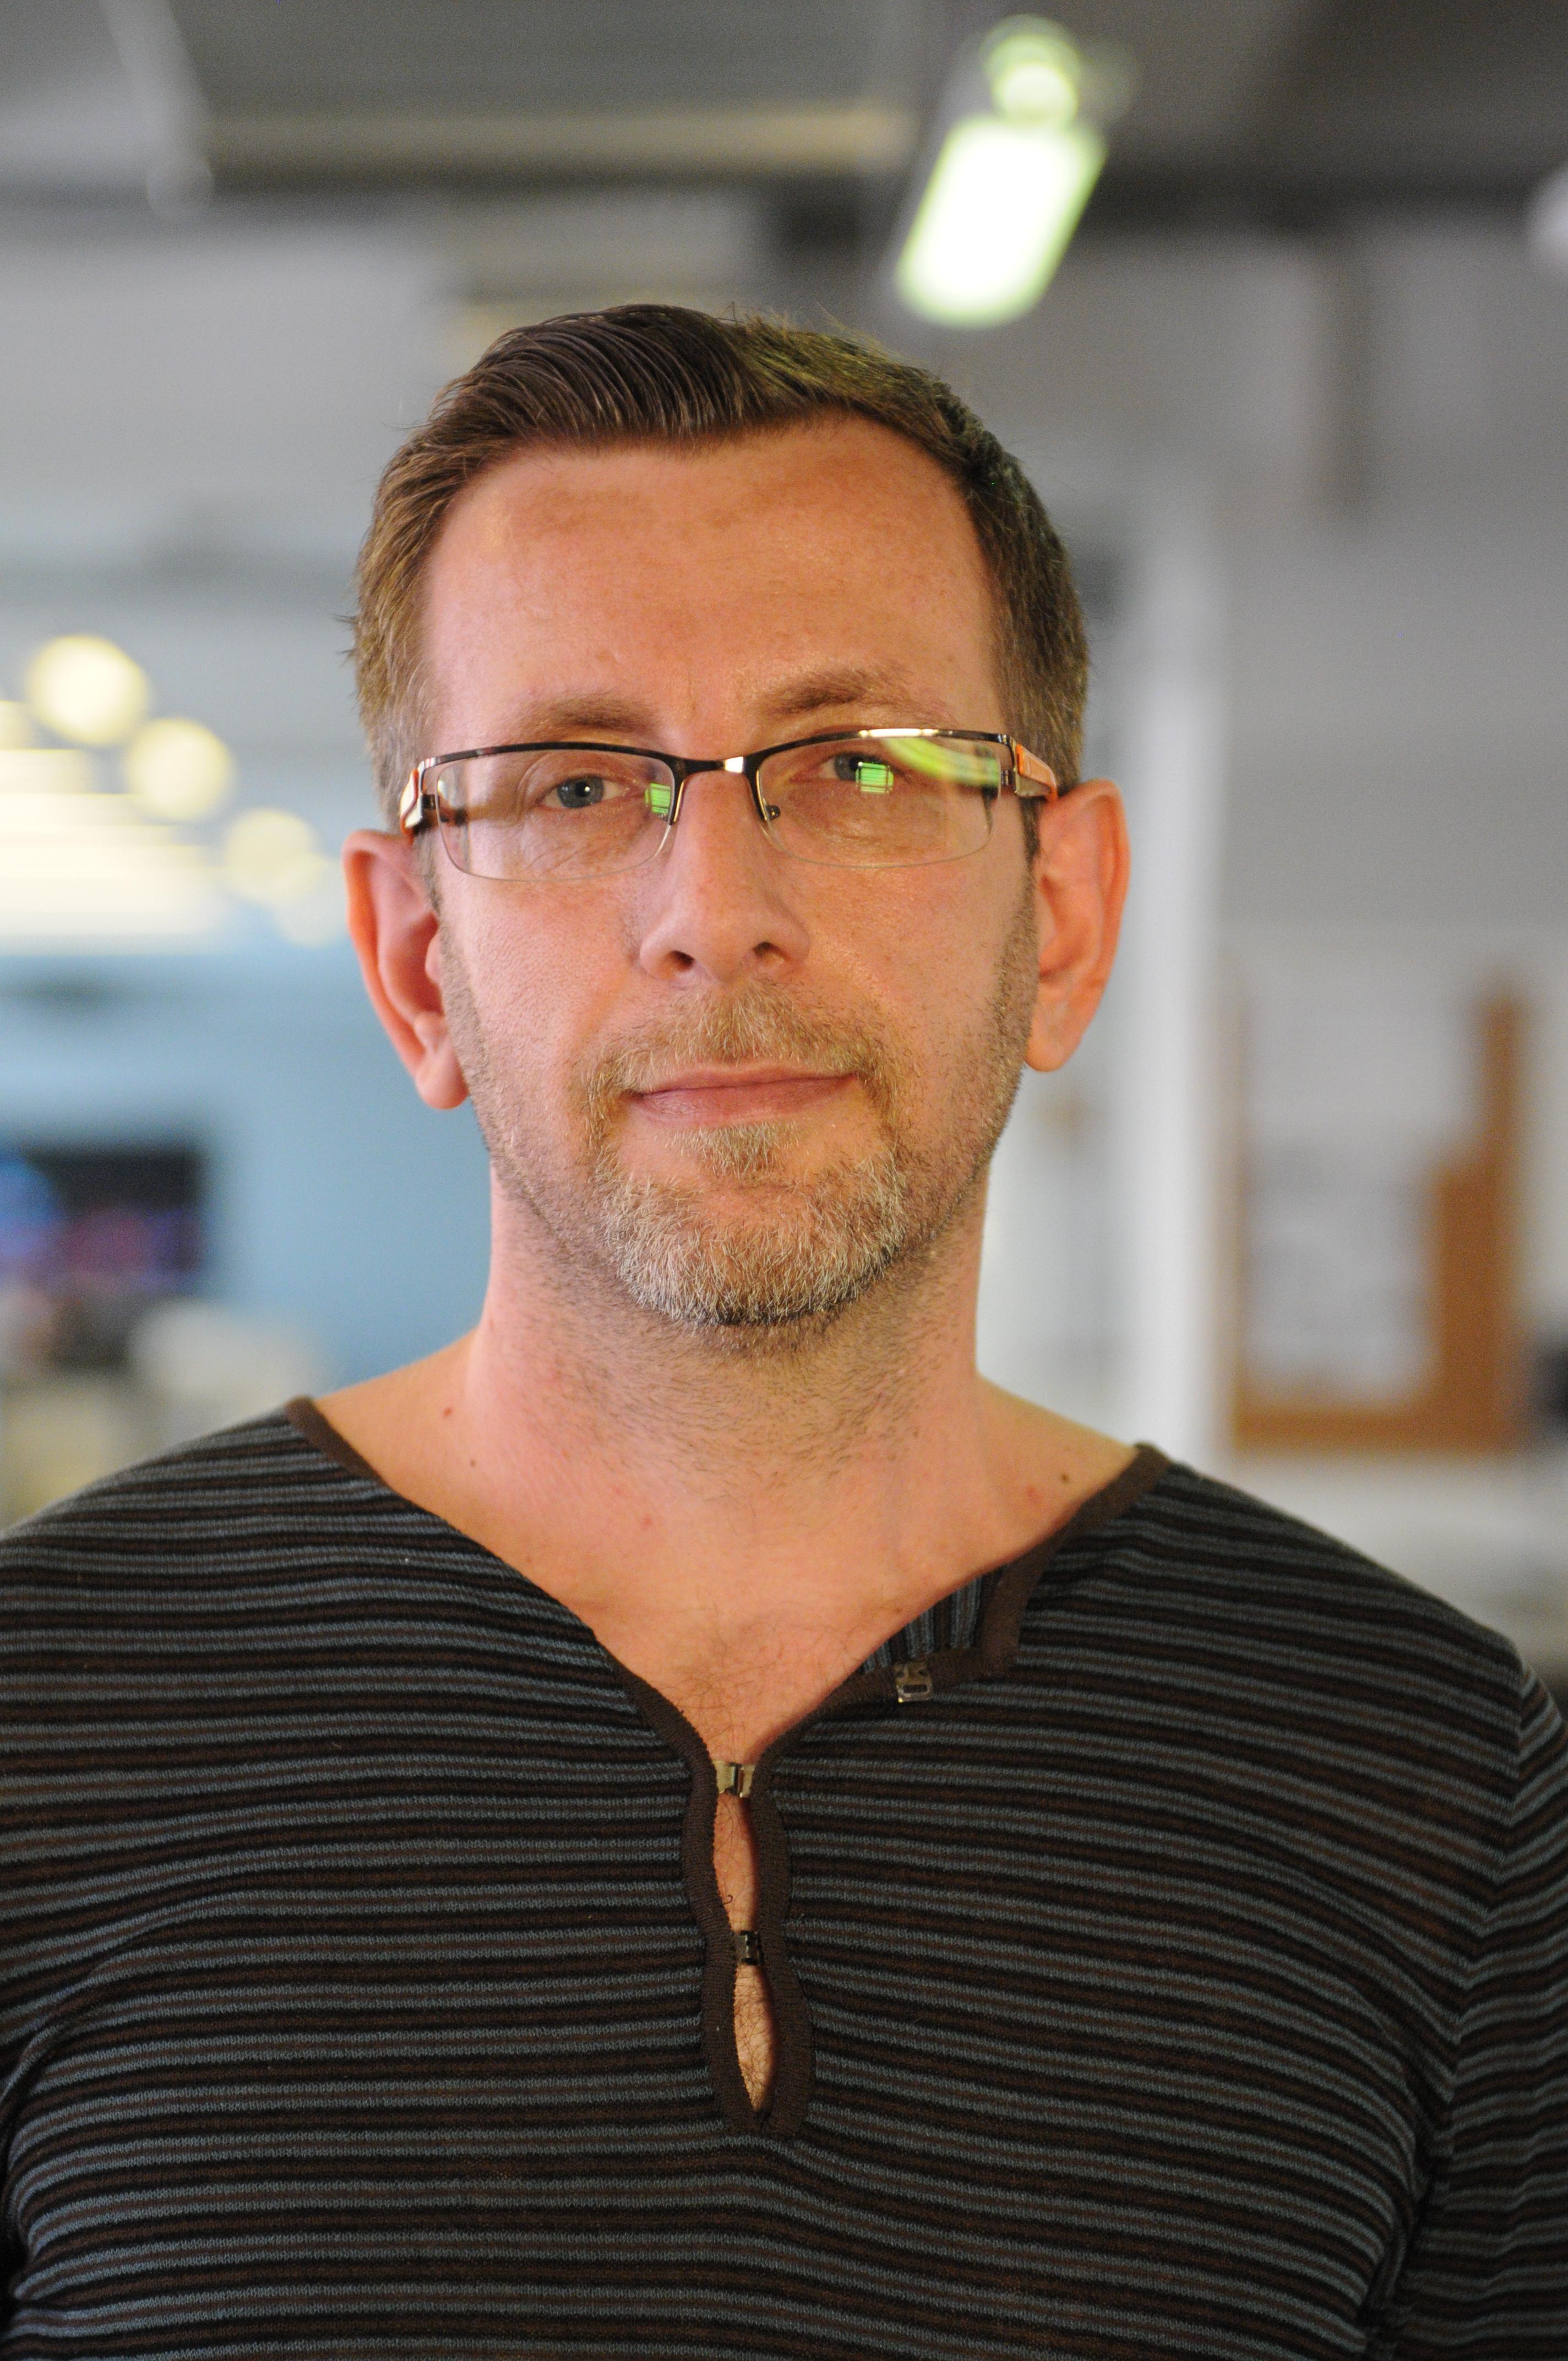 Борис Войцеховский, обозреватель газеты «Новые округа»